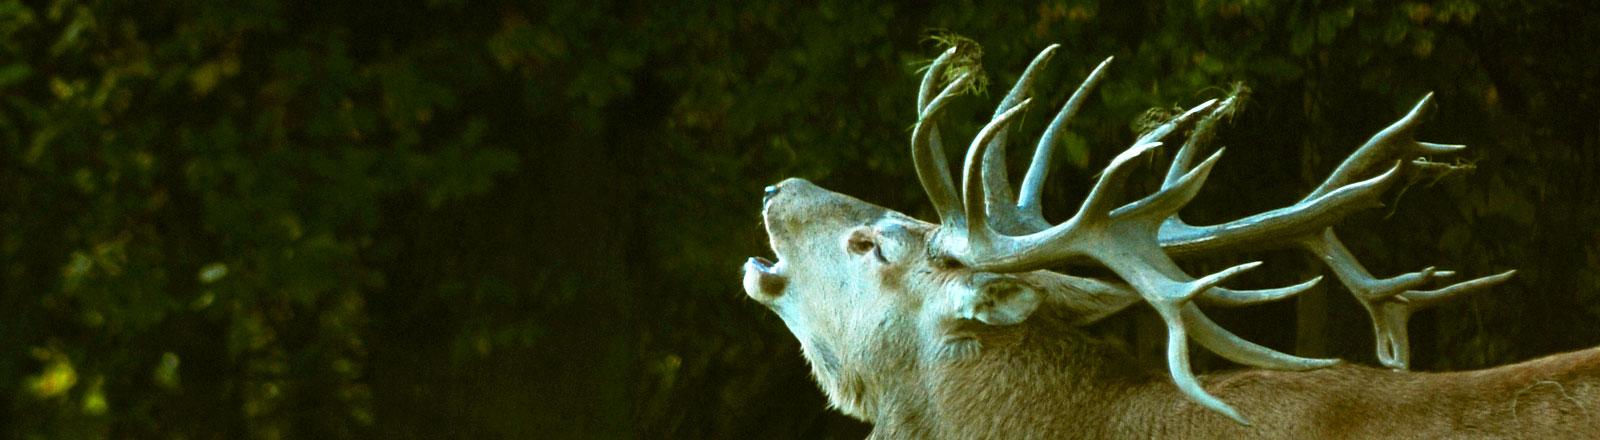 Röhrender Hirsch mit Geweih im Wald